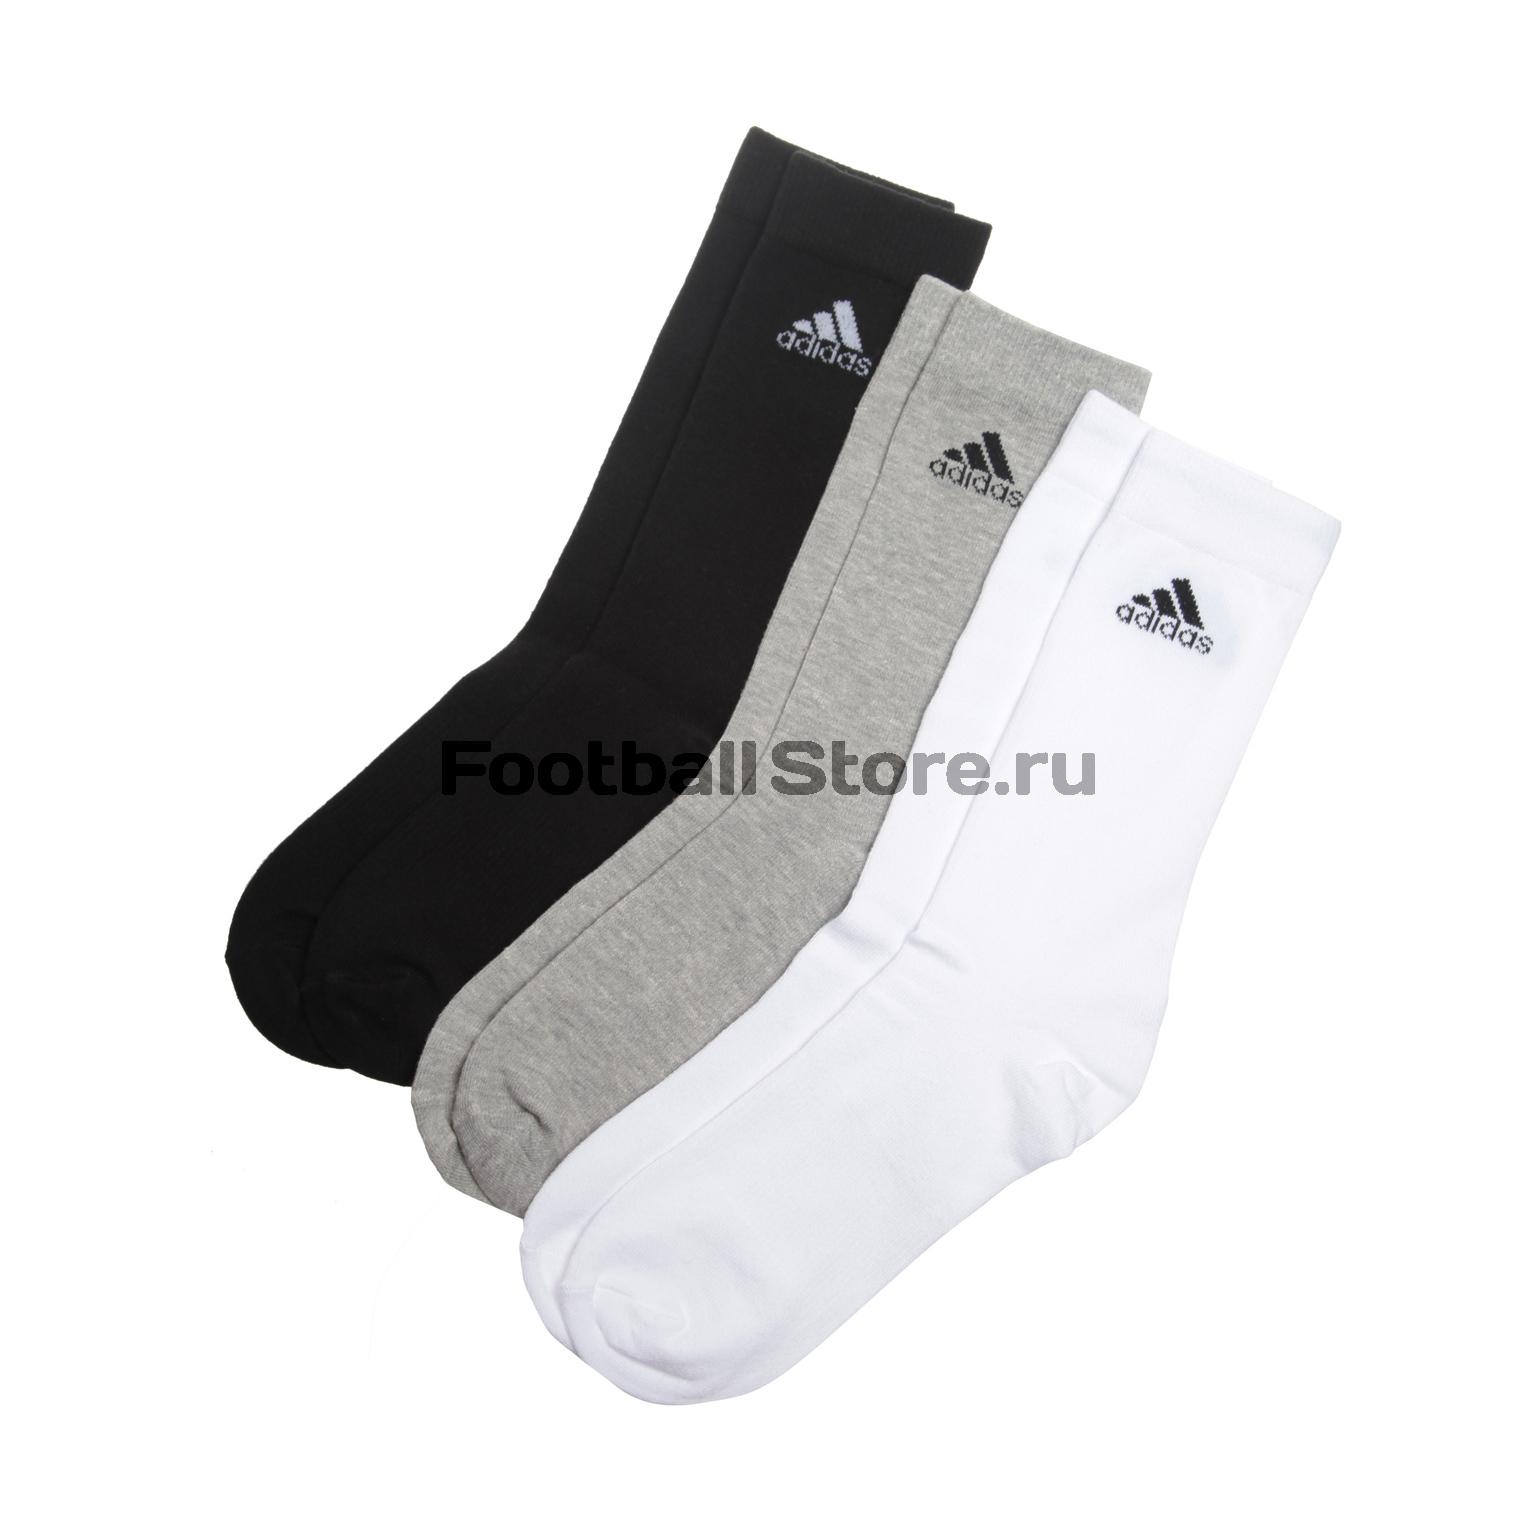 Носки Adidas Комплект носков Adidas Perfomance Crew 3PP AA2331